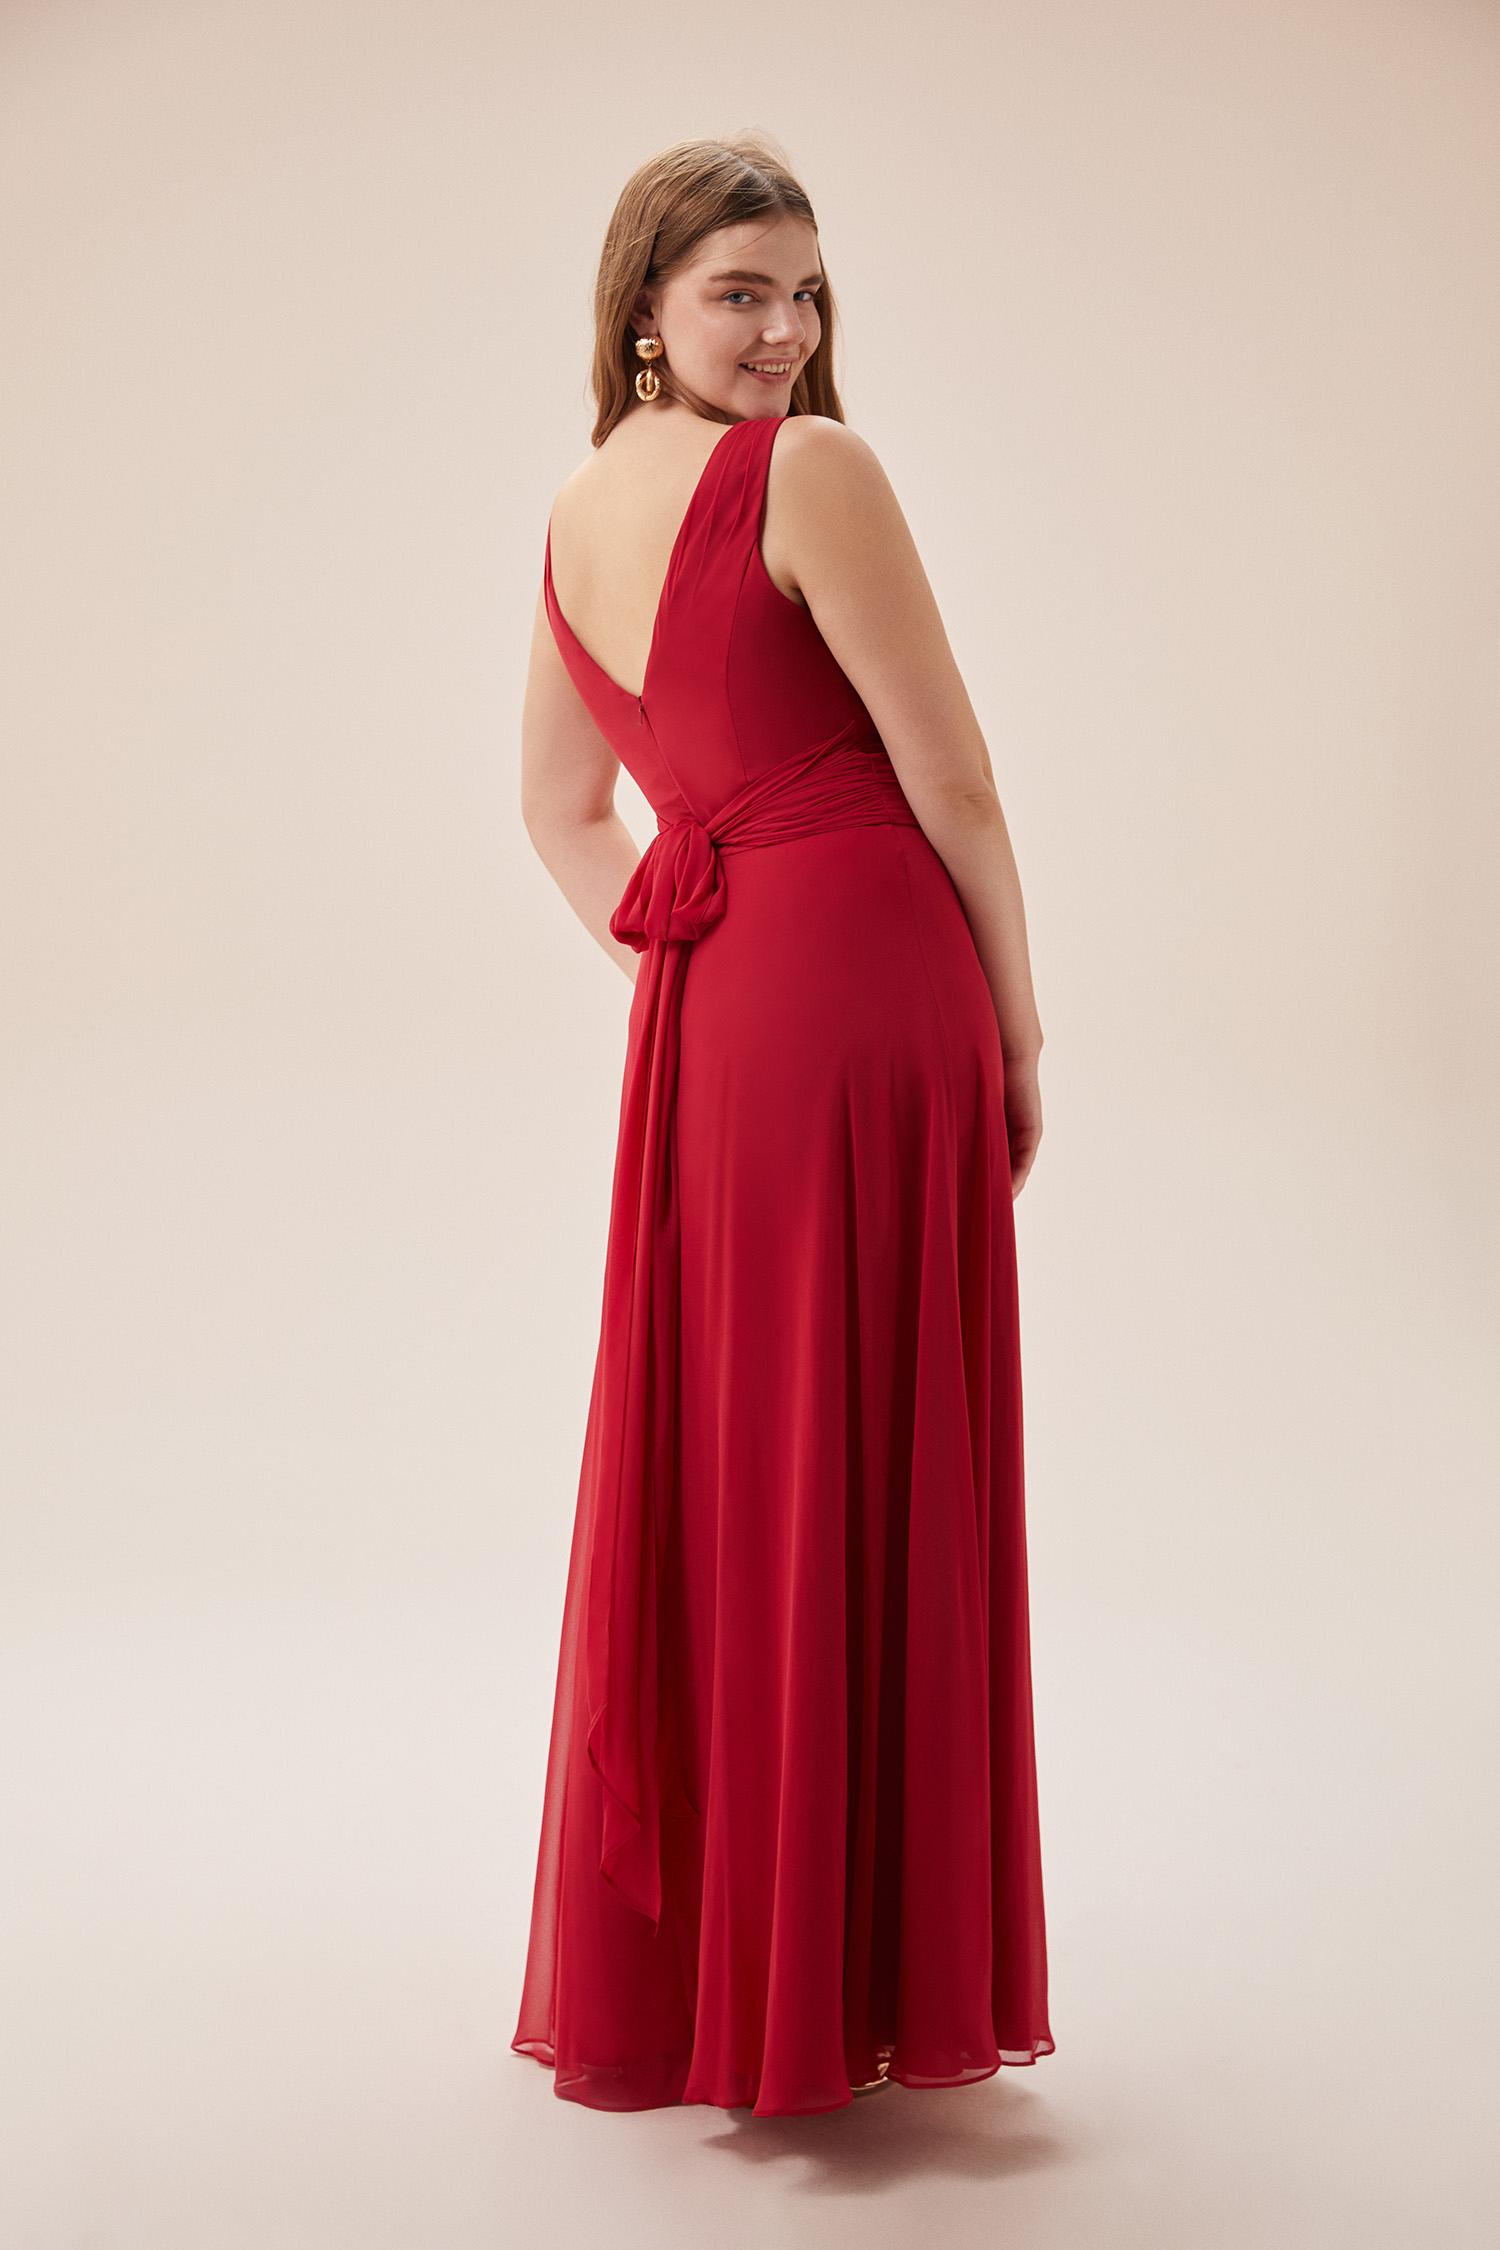 Kırmızı Kruvaze Yaka Yırtmaçlı Uzun Şifon Büyük Beden Elbise - Thumbnail